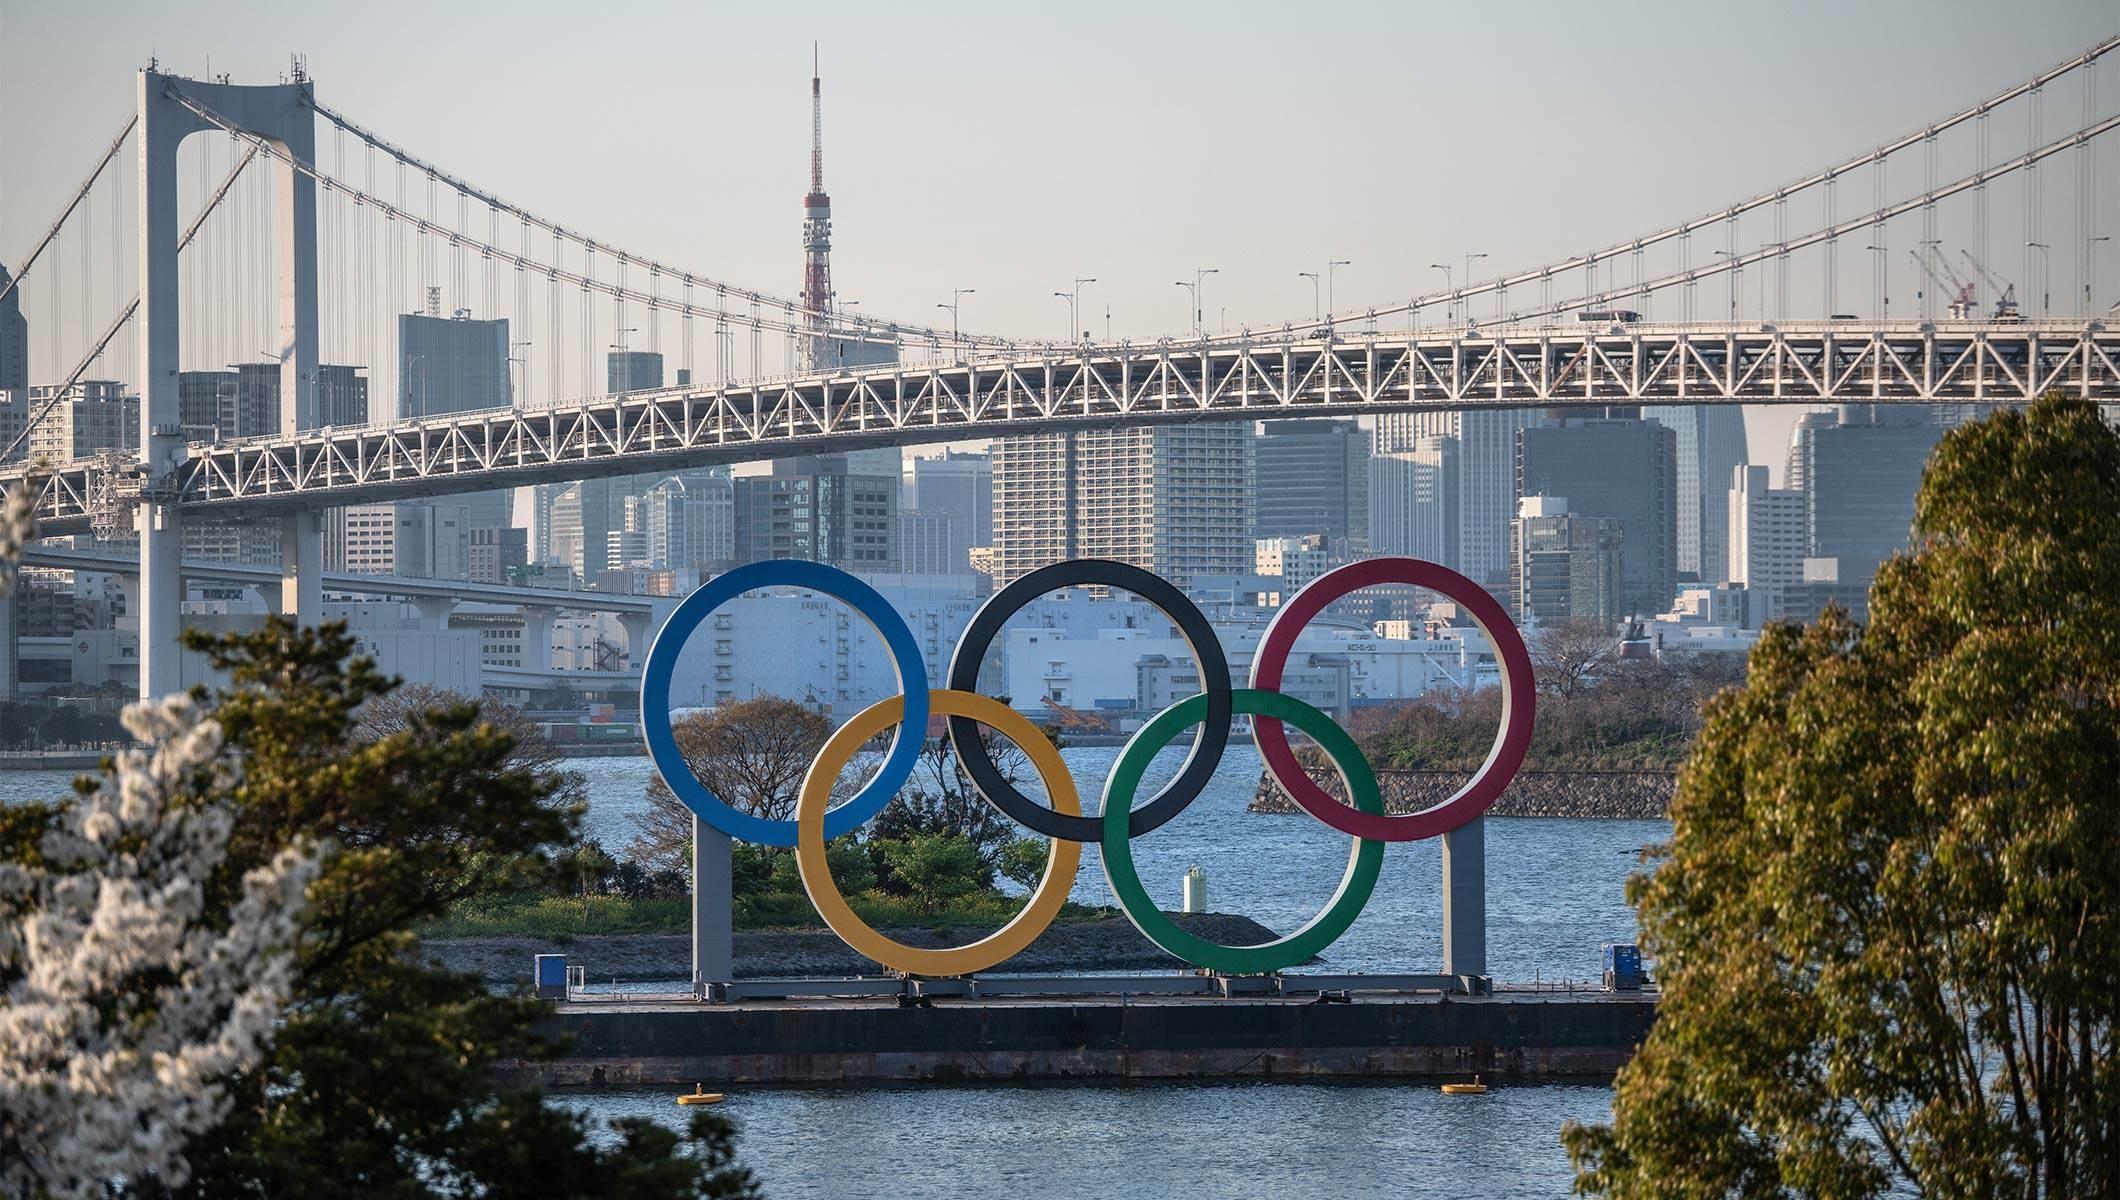 من المقرّر إقامة أولمبياد طوكيو بين 23 تموز/يوليو والثامن من آب/أغسطس 2021